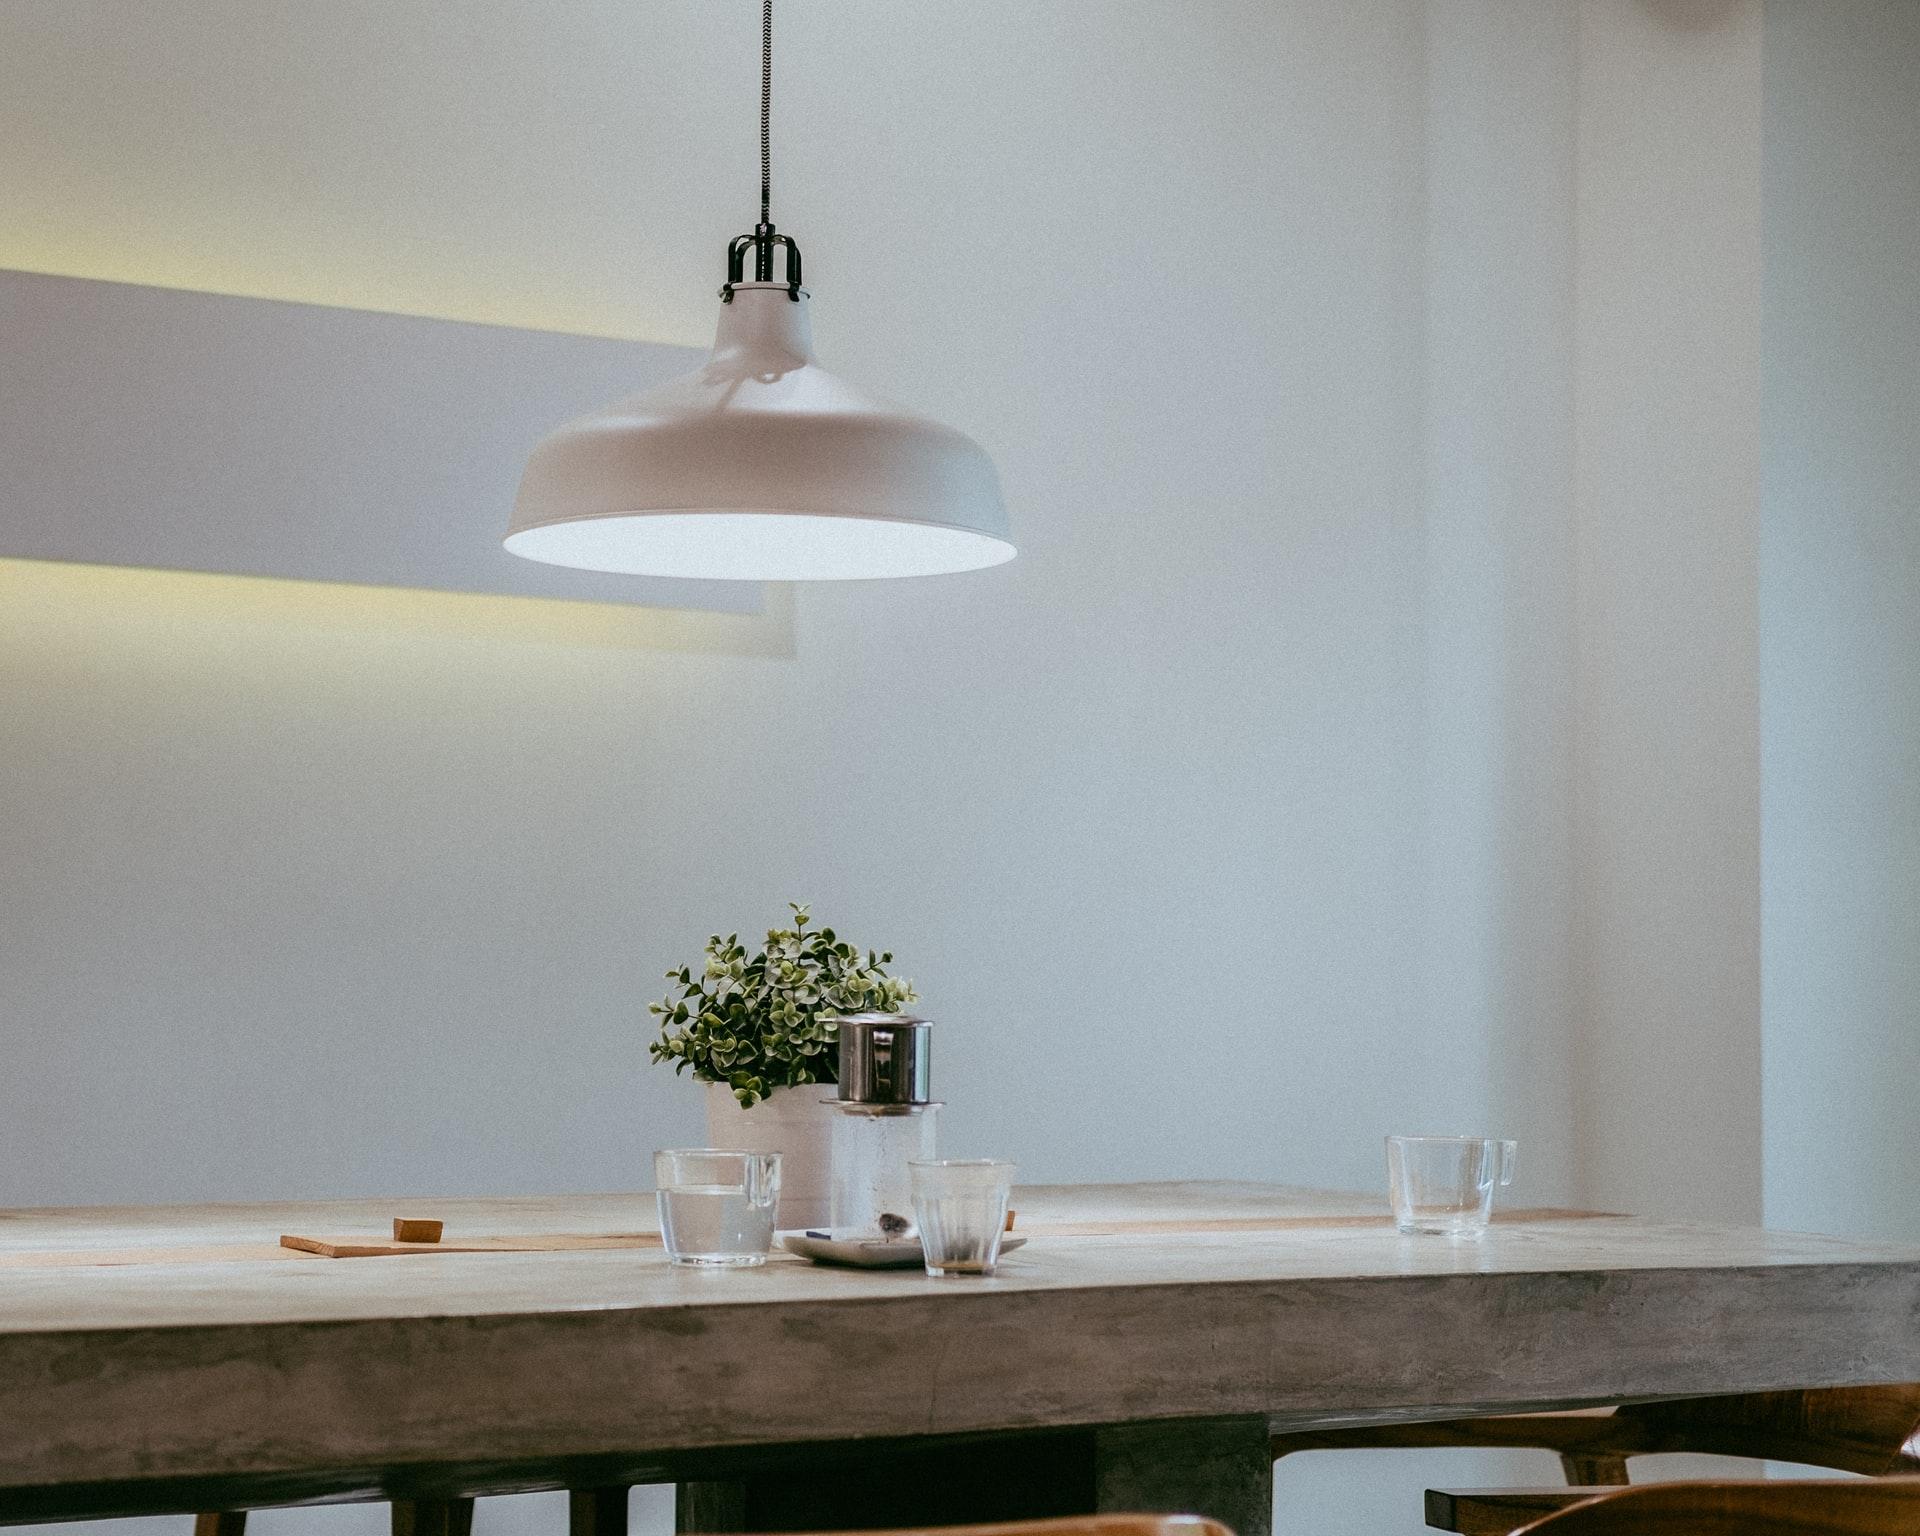 Space in minimalist interior design